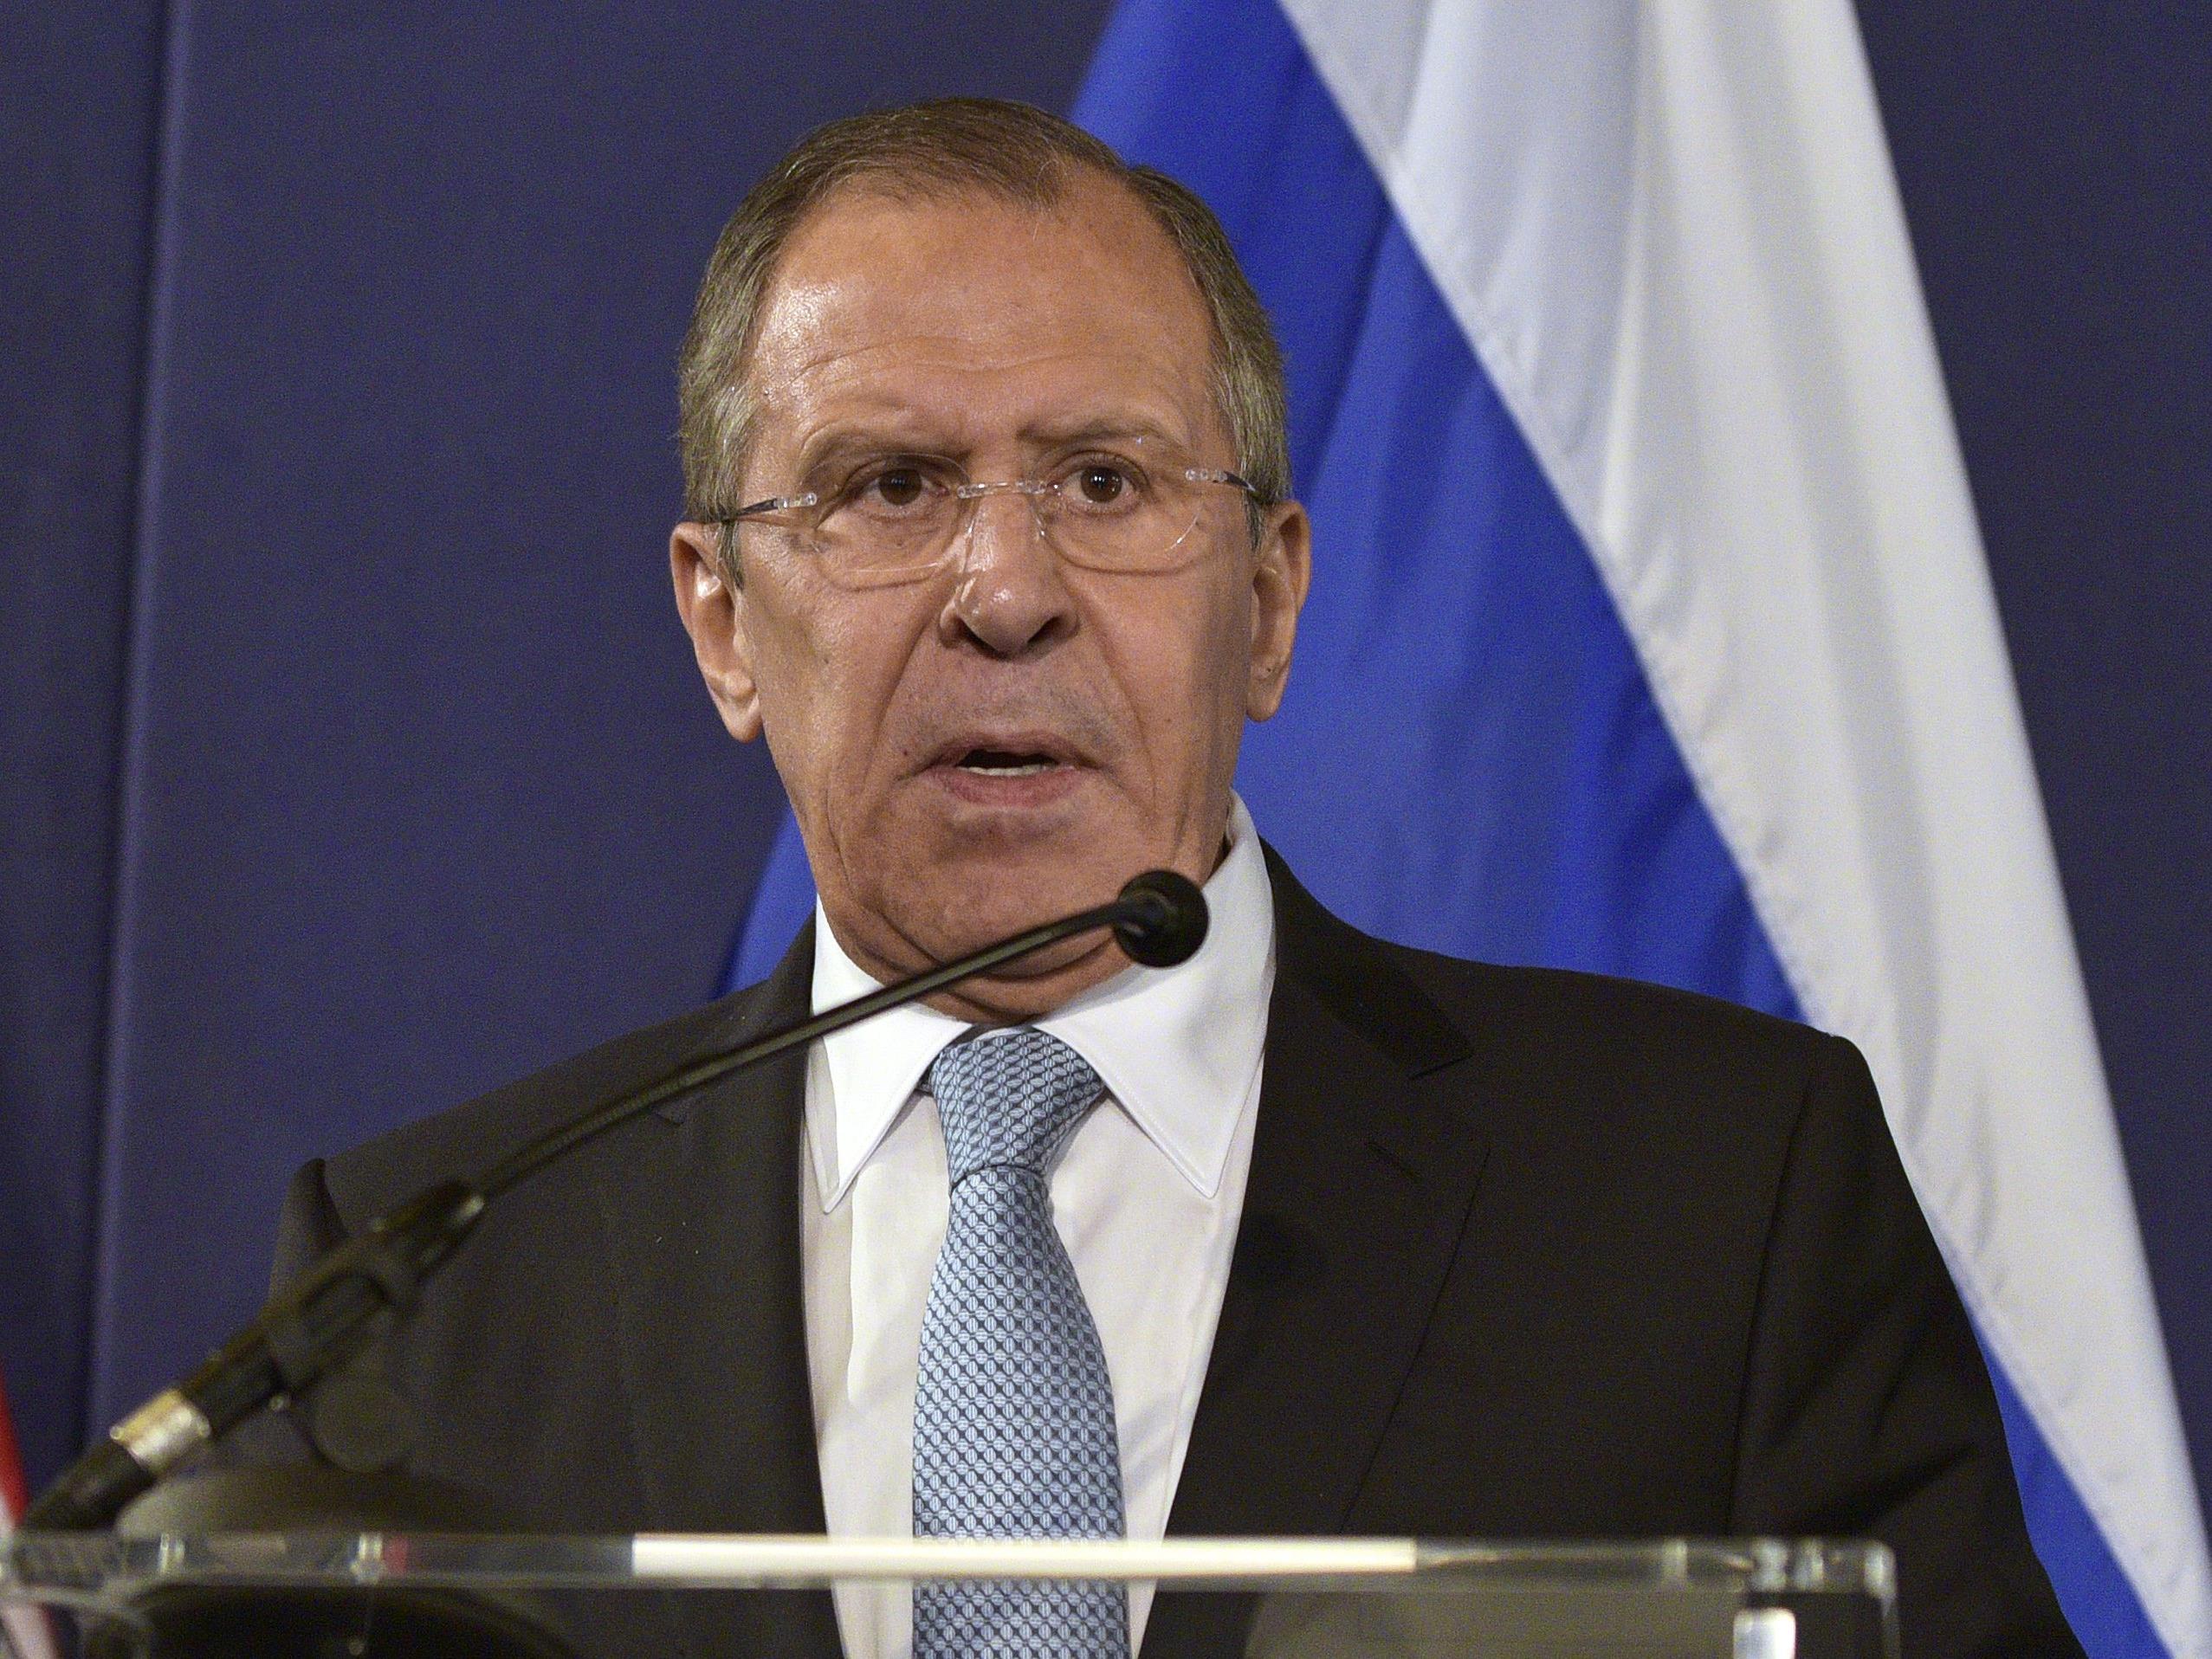 Der russische Außenminister äußert sich zu dem Vorfall.